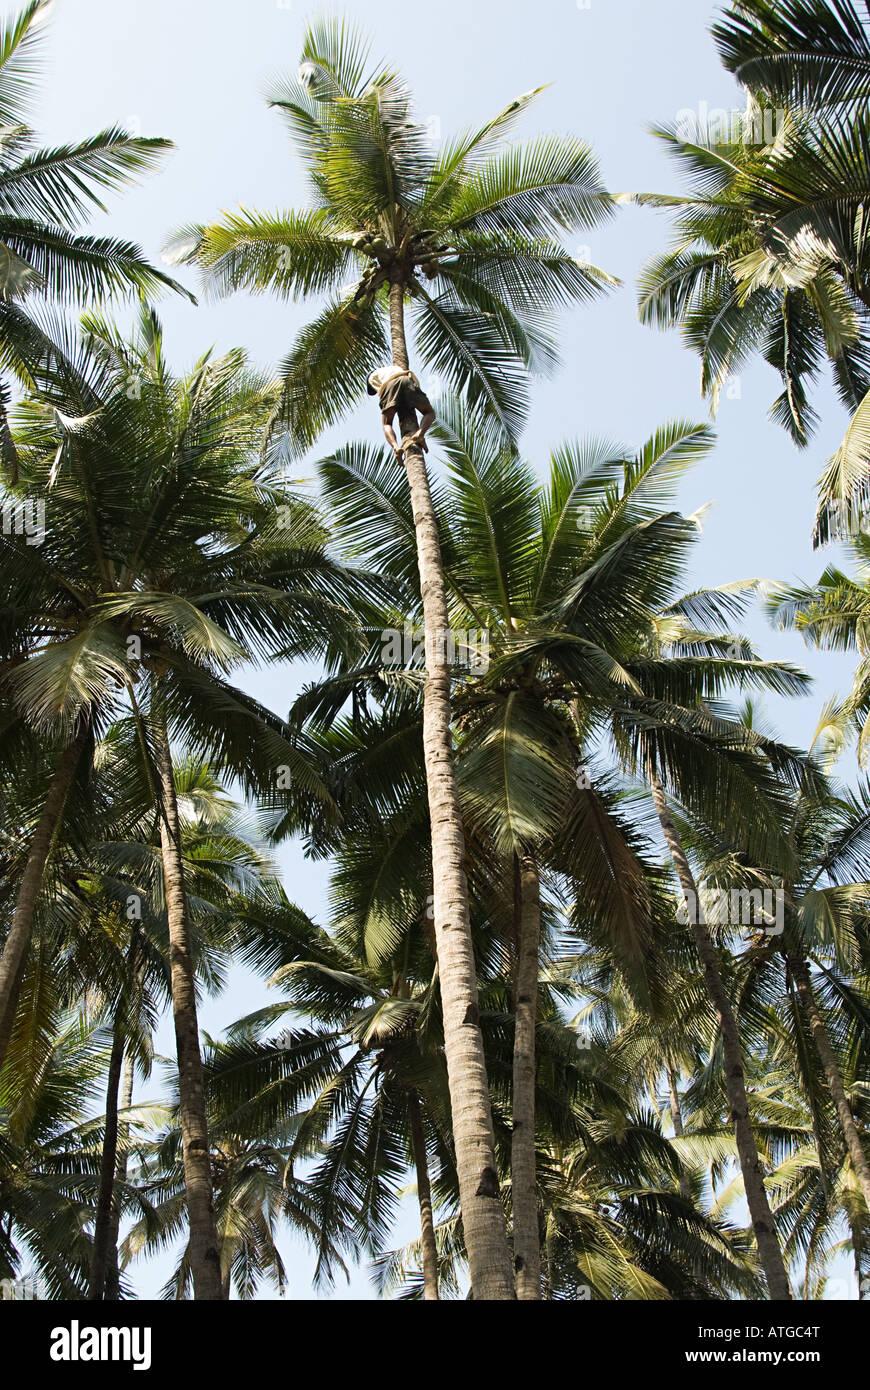 Coconut tree climber - Stock Image